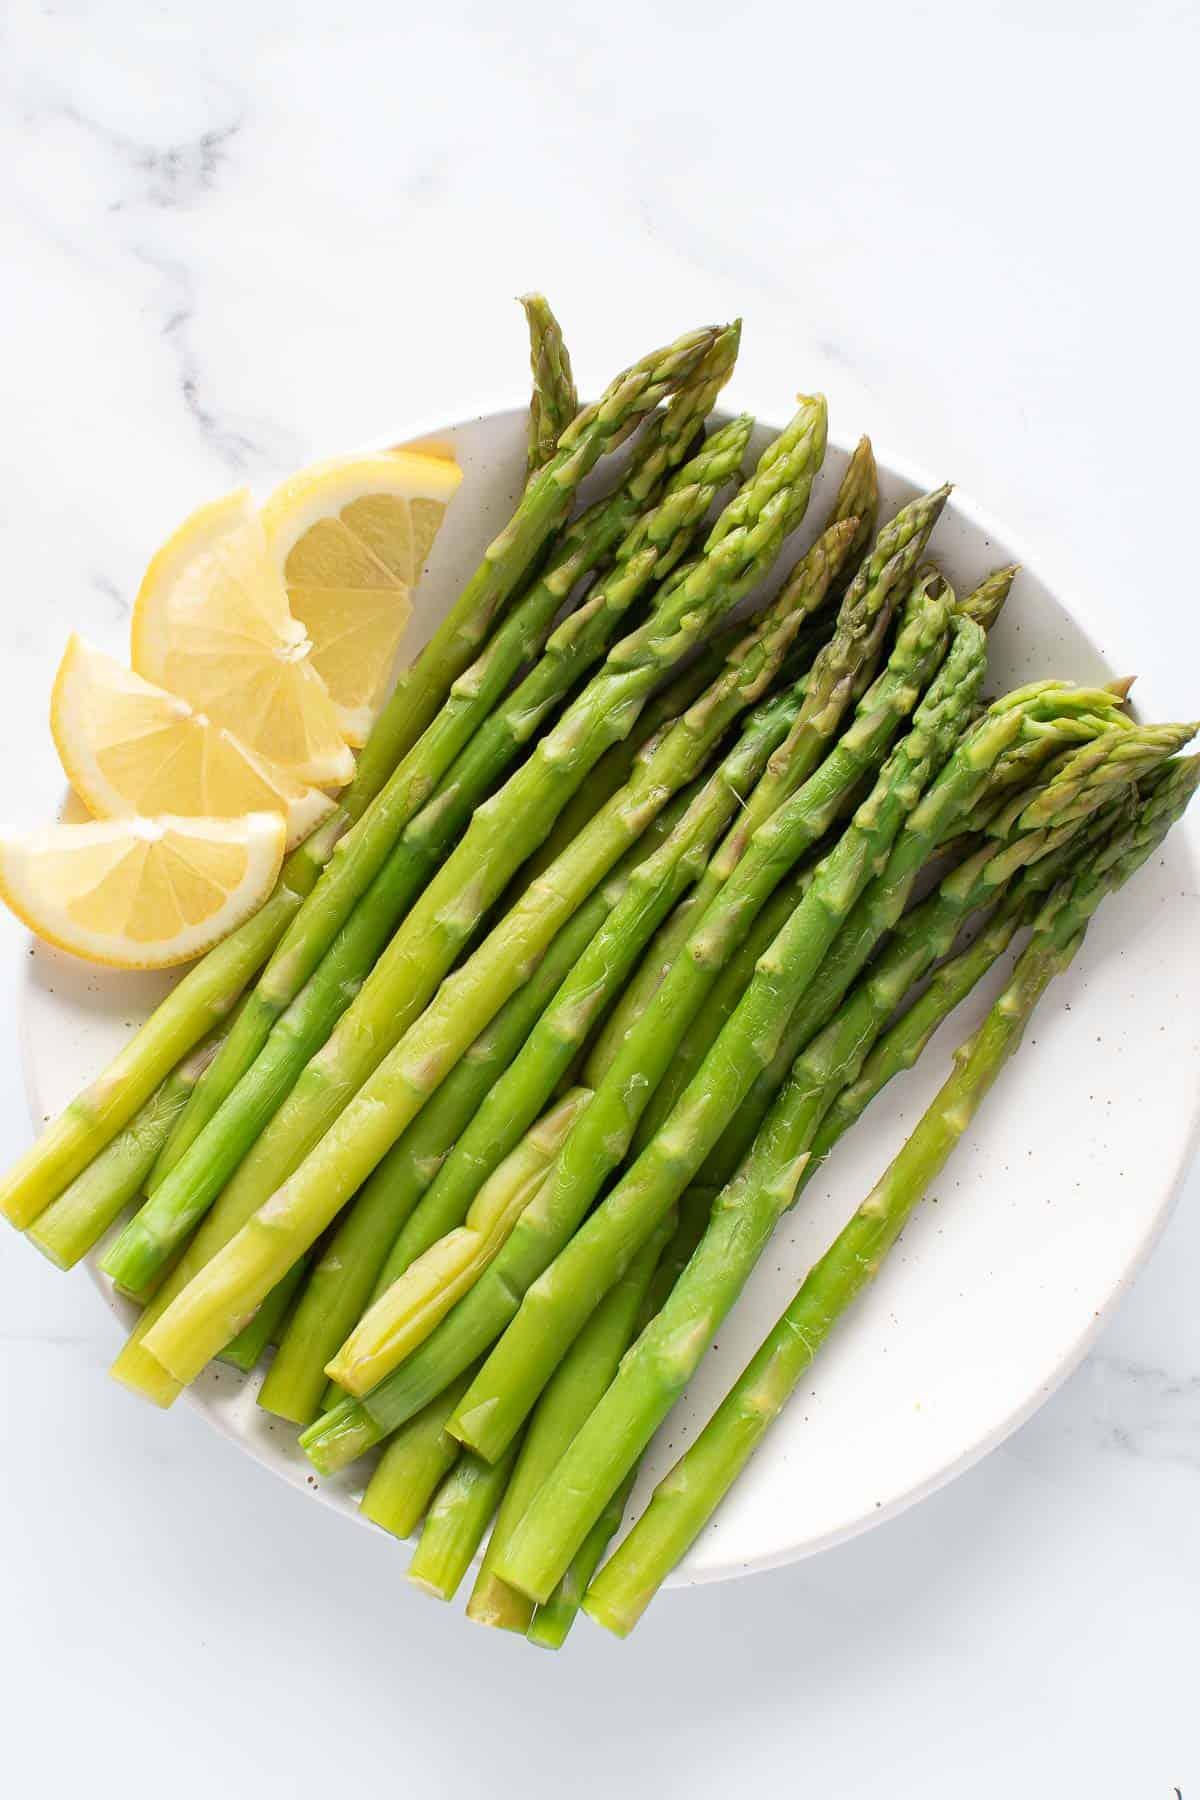 Steamed asparagus with lemon on a plate.